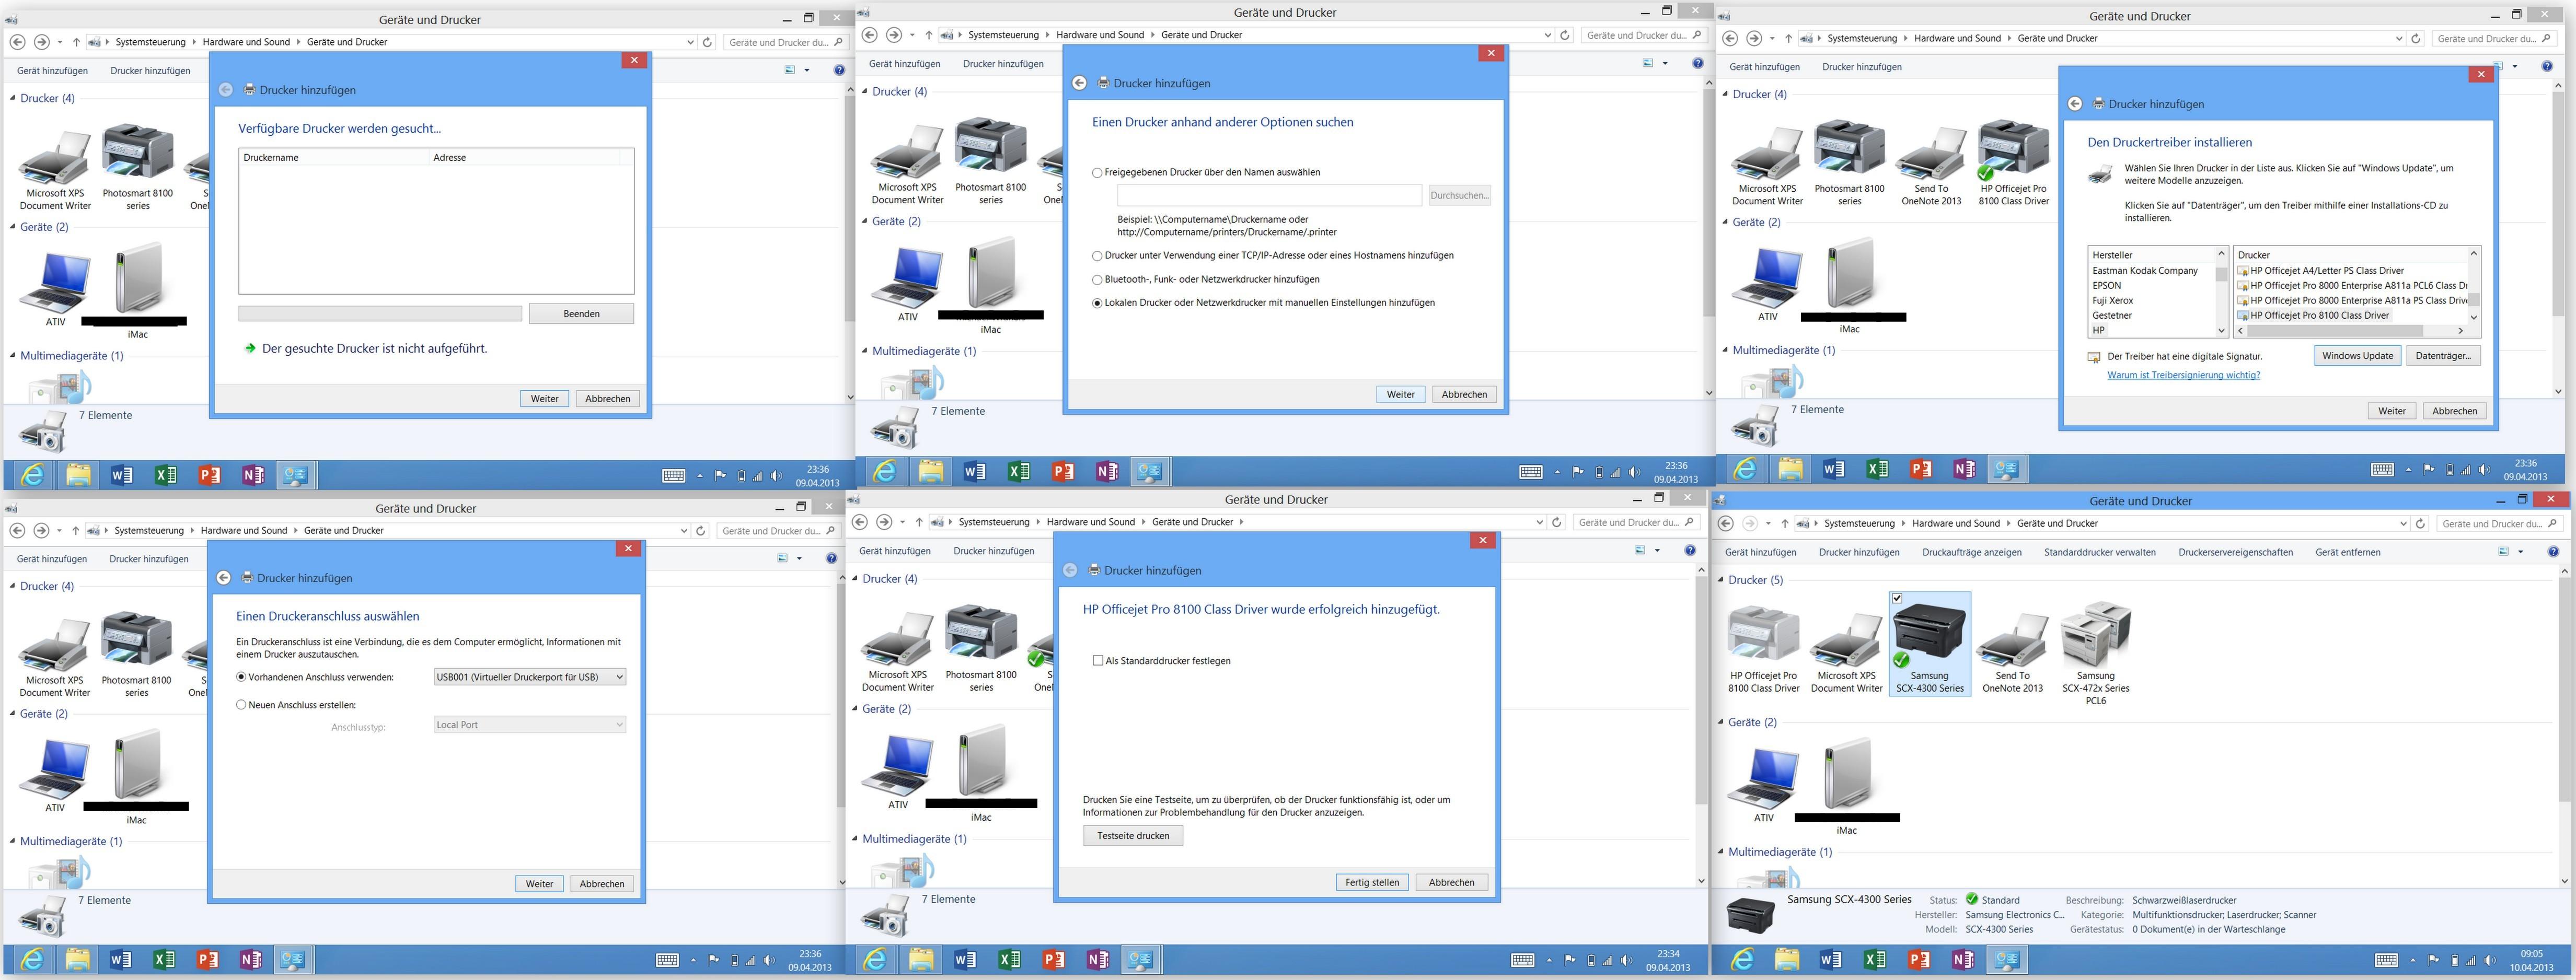 erkennt mein computer ein 5 ghz netzwerk